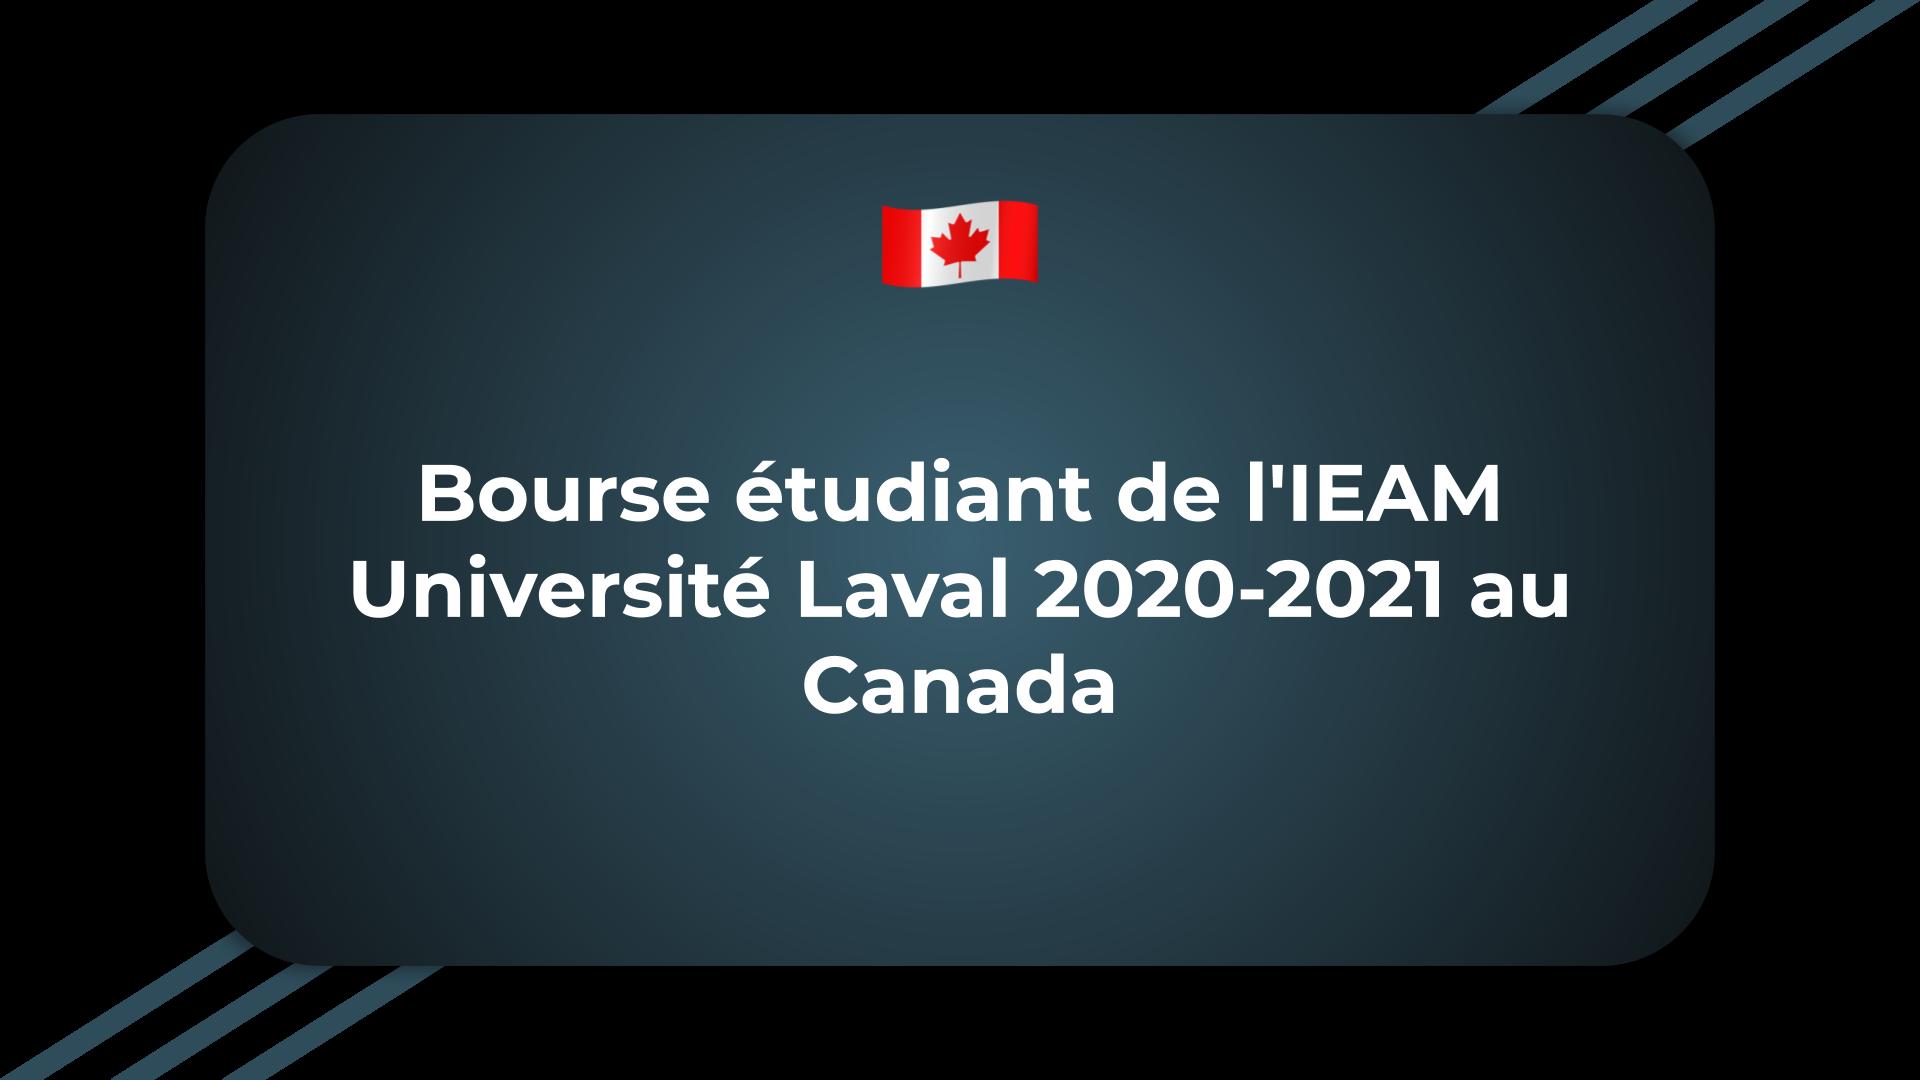 Bourse étudiant de l'IEAM Université Laval